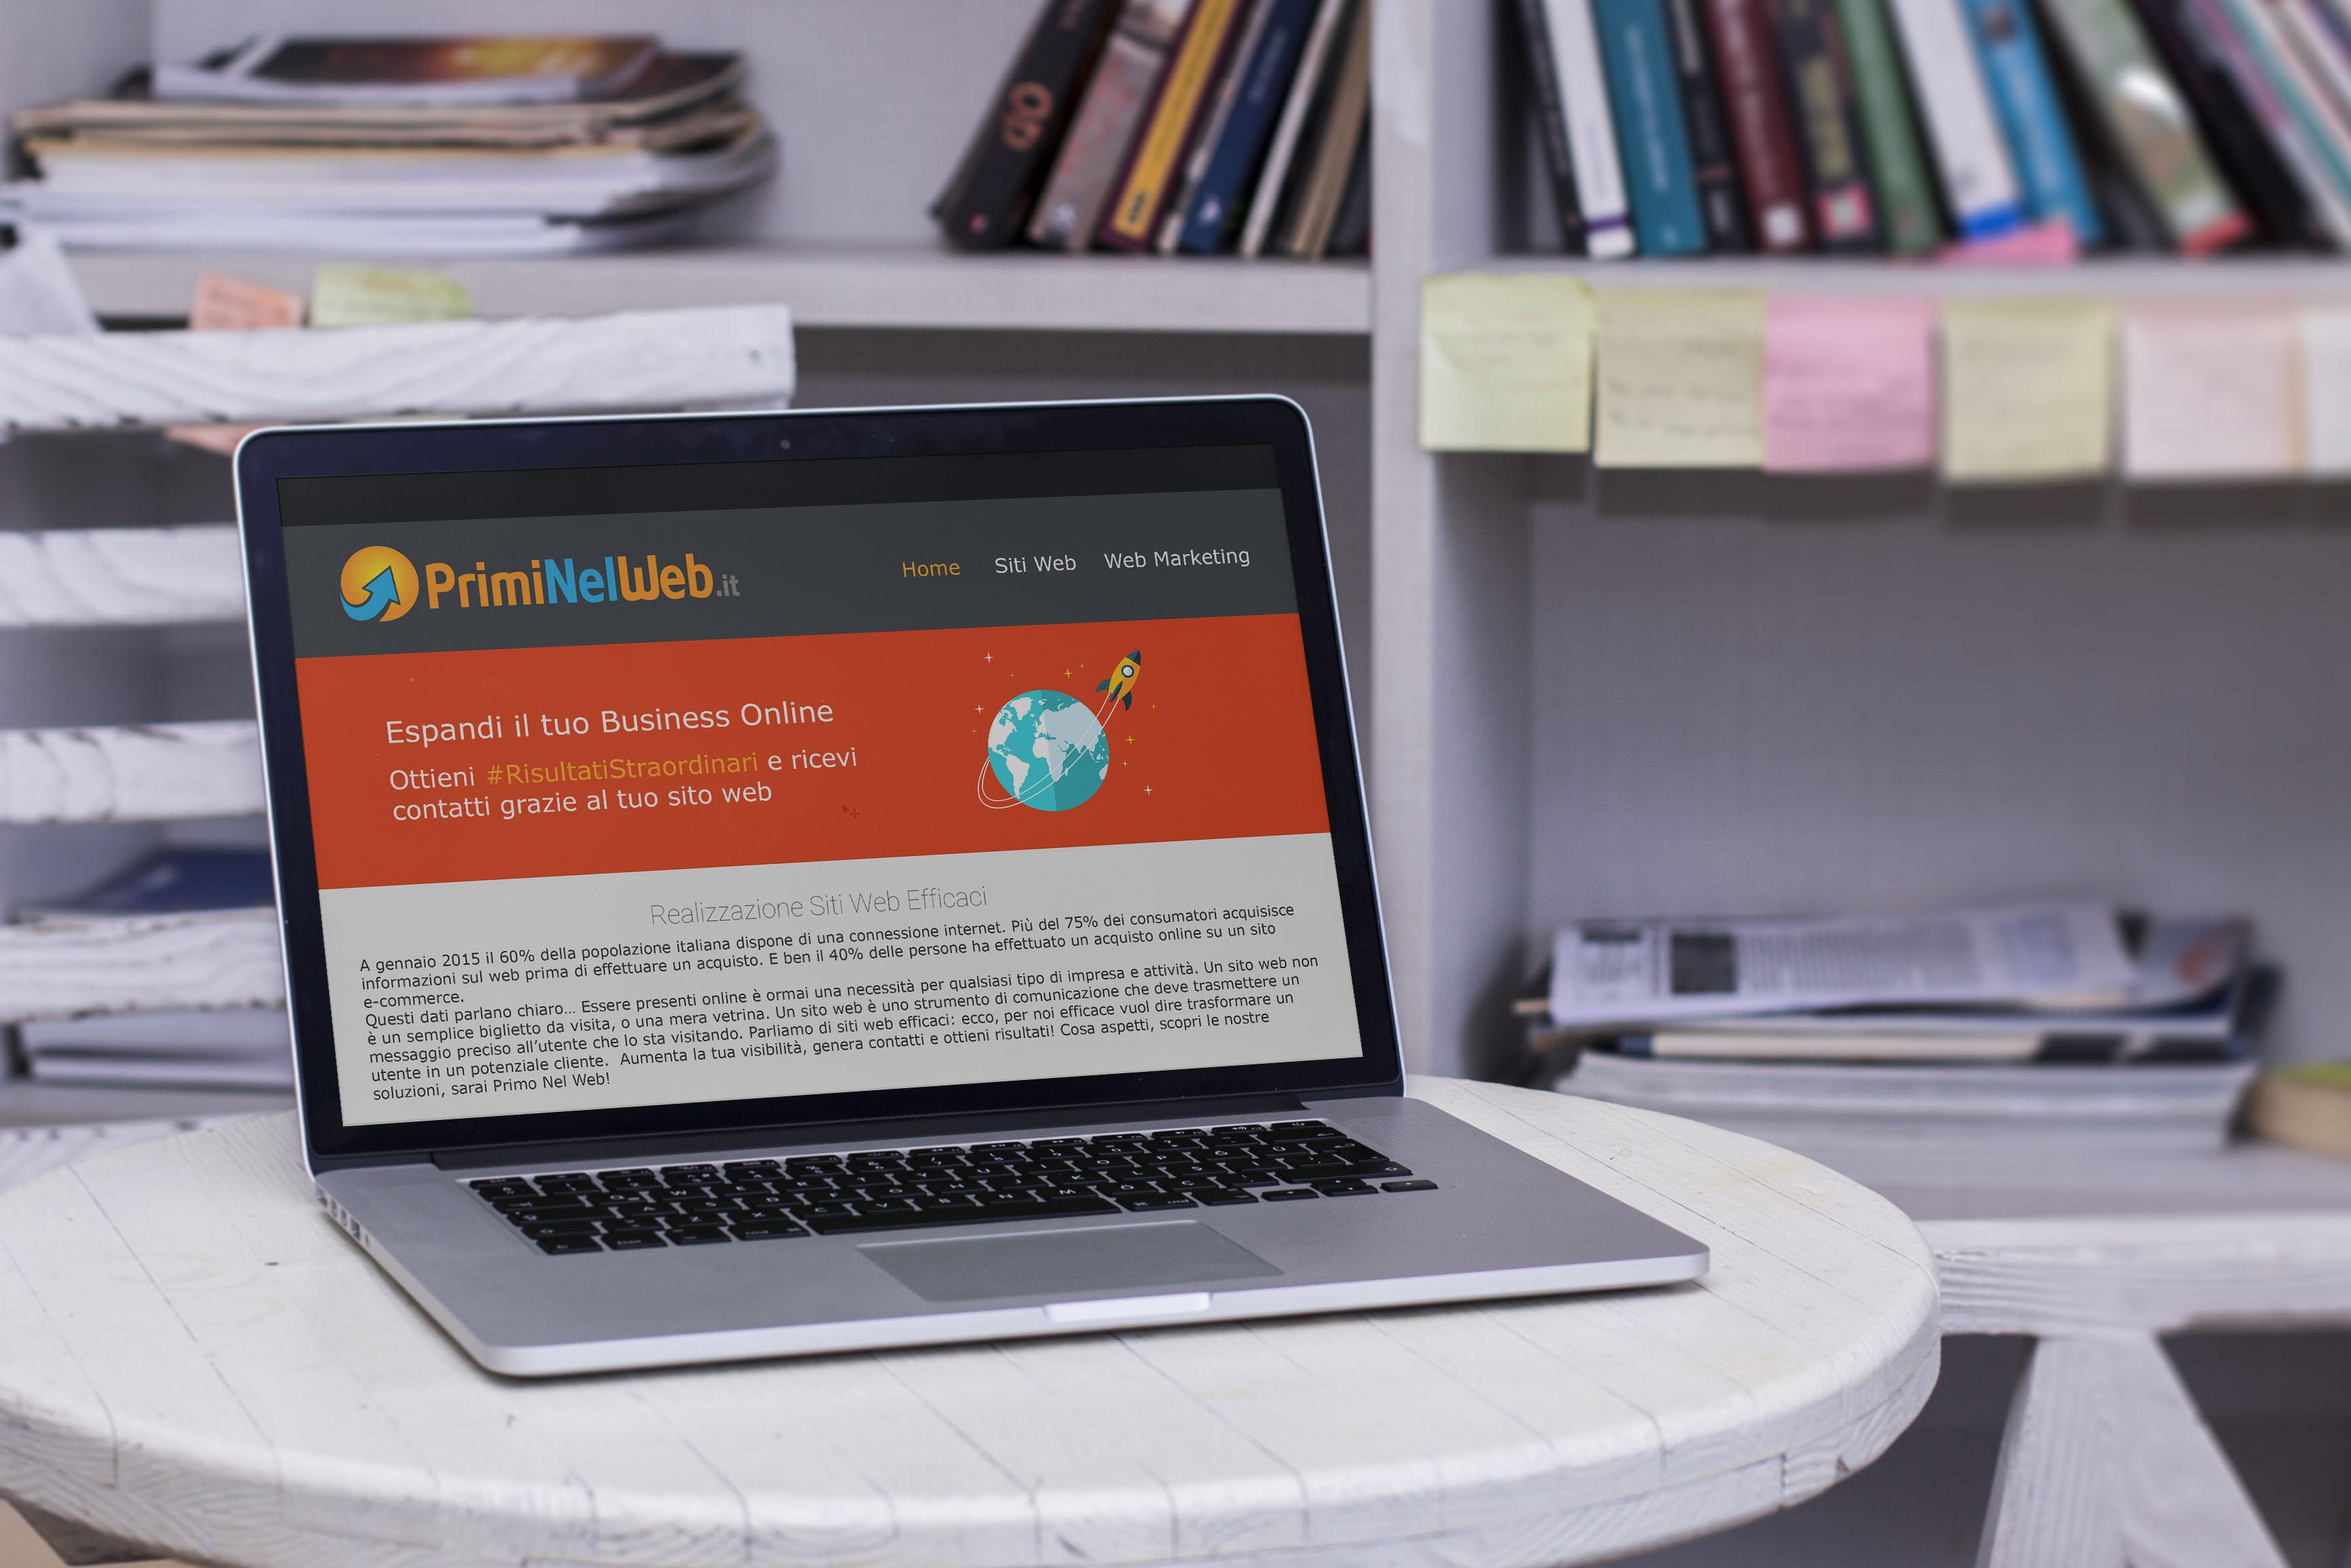 Siti Web Wordpress - PrimiNelWeb.it